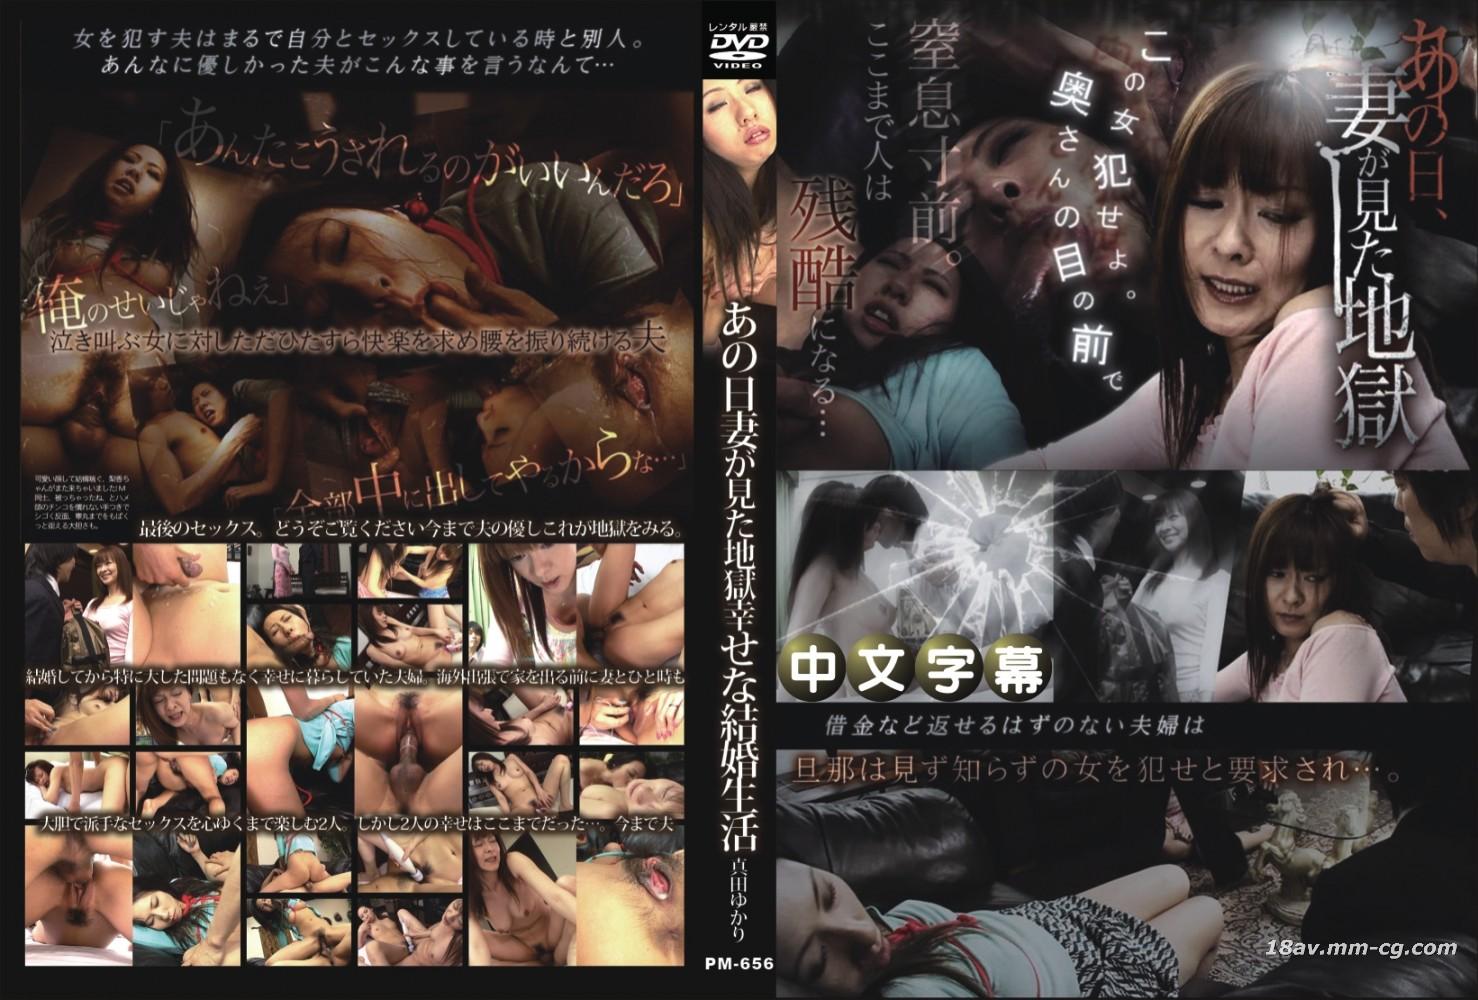 无码中文 PM-656 Wife's hellish sexual life life